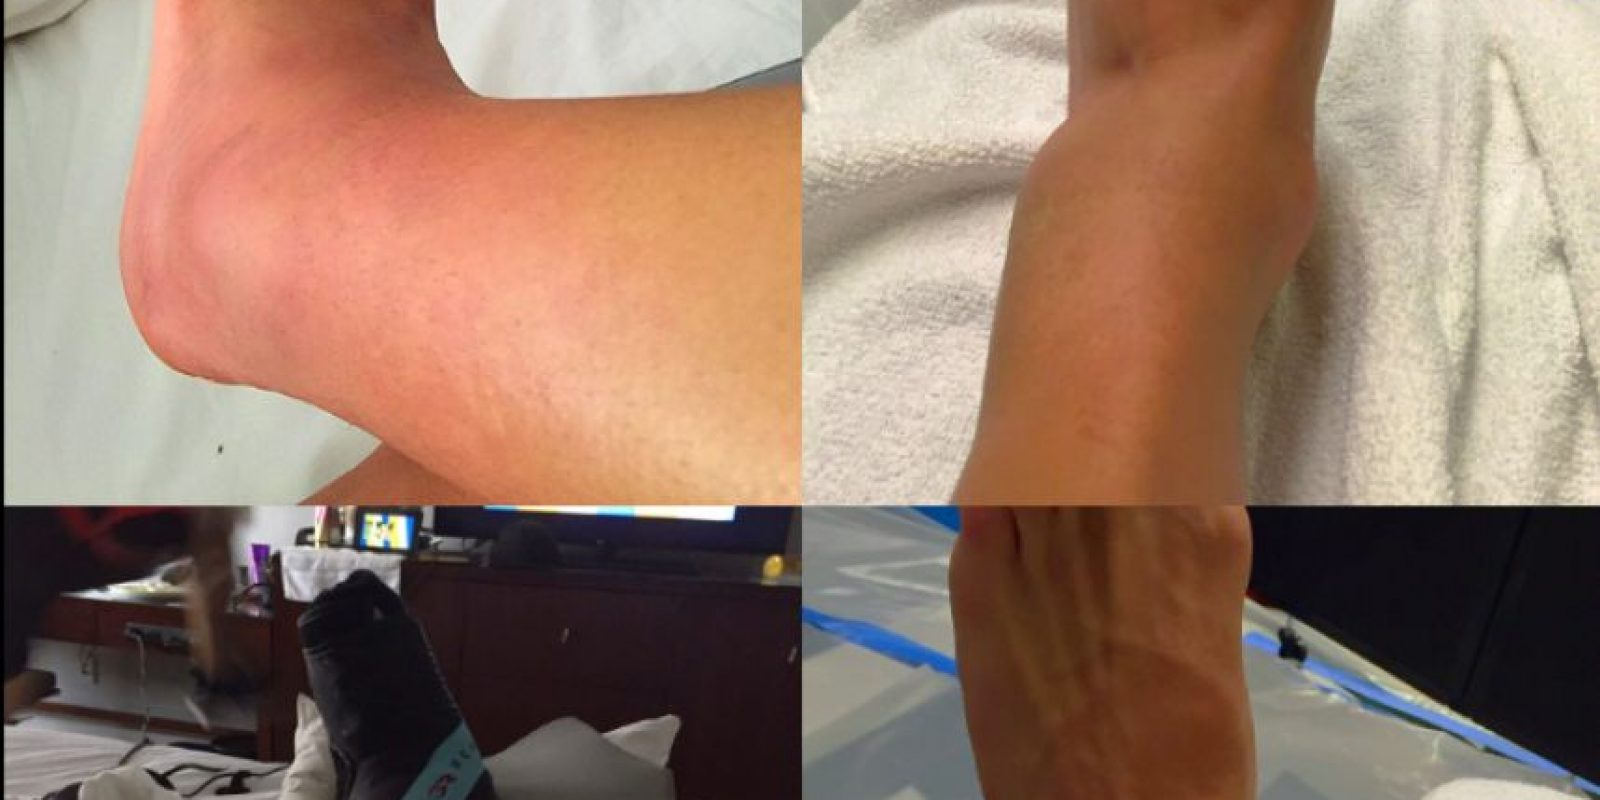 Luego del encuentro, Alexis Sánchez subió una foto del estado de su tobillo Foto:Getty Images. Imagen Por: